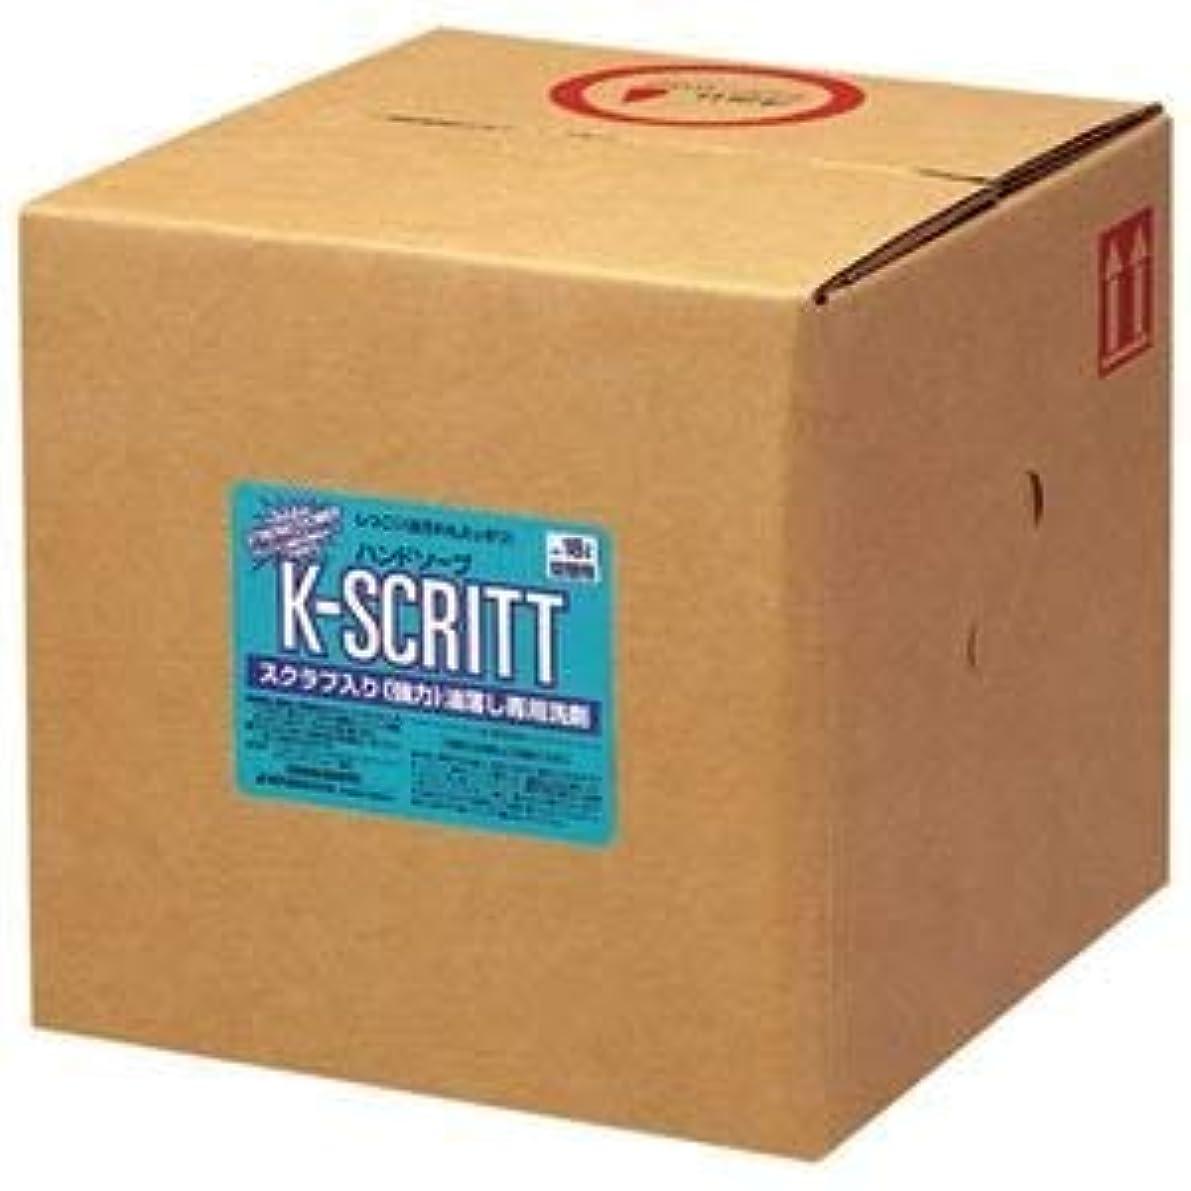 支援する主権者正直業務用 液体石鹸 K-スクリット ハンドソープ詰替え 18L 熊野油脂 (コック付き)